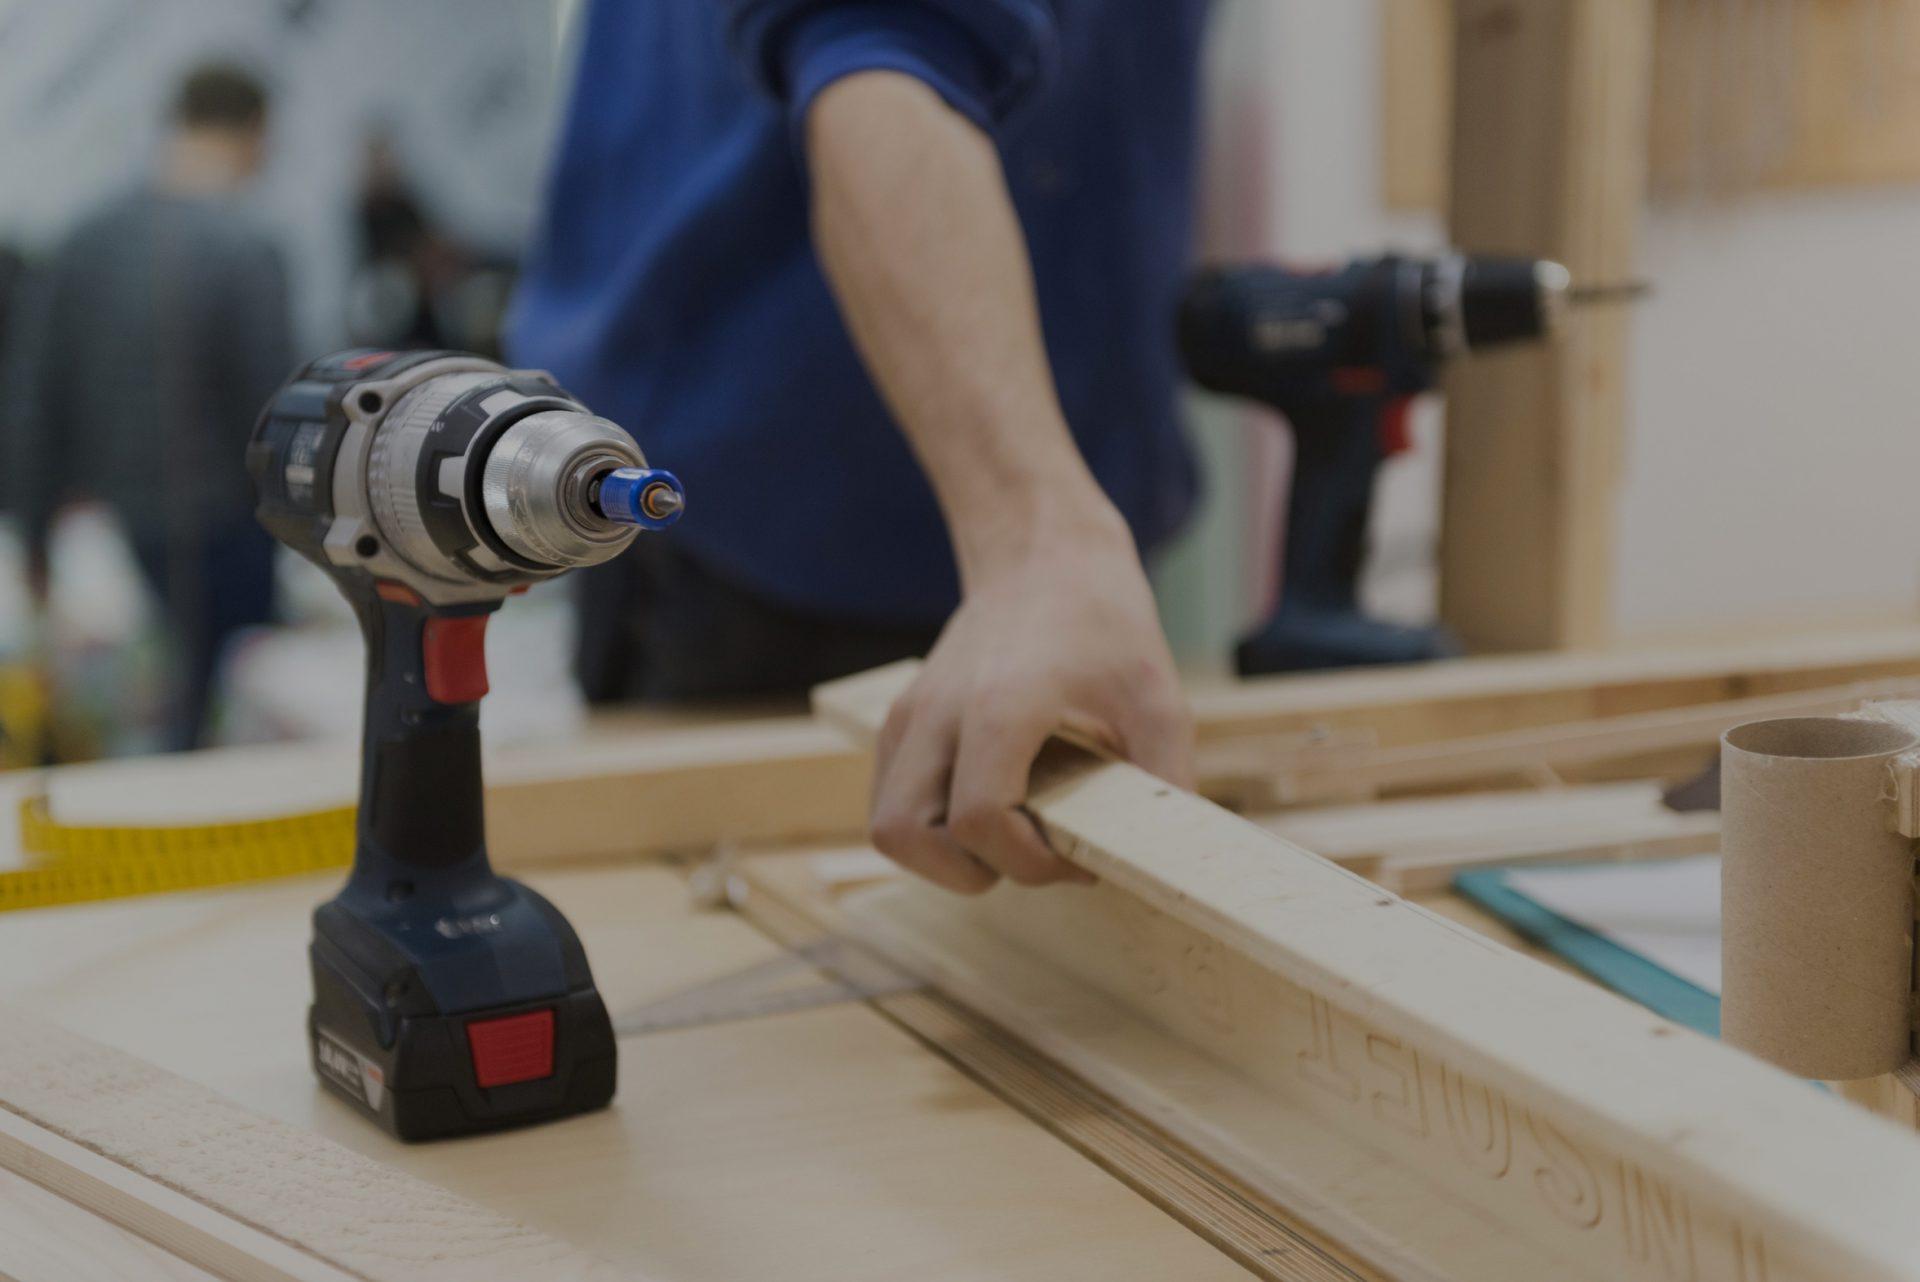 Handwerker mit Akkubohrmaschine für Holz